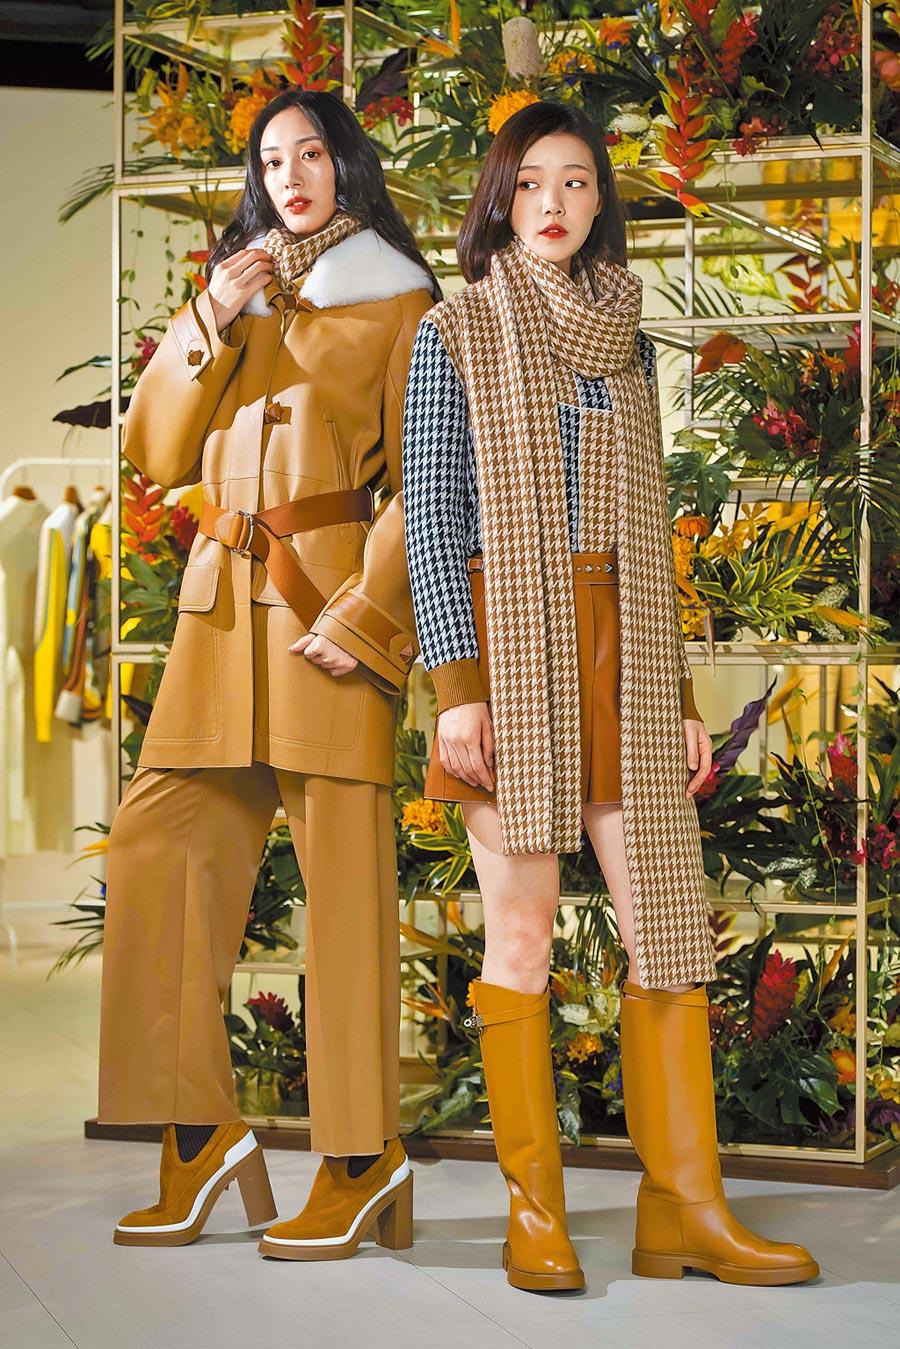 愛馬仕秋冬女裝融合新古典、新騎士風主義。左側模特兒的棕赭色可拆卸式剪羊毛皮衣領鹿皮大衣,靈感來自男士飛行員夾克,38萬8200元。棕色可拆卸式衣領喀什米爾羊絨套衫6萬6900元、棕赭色初剪羊毛高腰八分褲5萬6100元。右側模特兒的棕色蘇格蘭羊絨提花針織毛衣,參考馬術騎士服的幾何色塊,5萬1800元。棕色蘇格蘭羊絨提花針織圍巾5萬4000元,焦糖棕色小牛皮短褲17萬2600元。(HERMES提供)